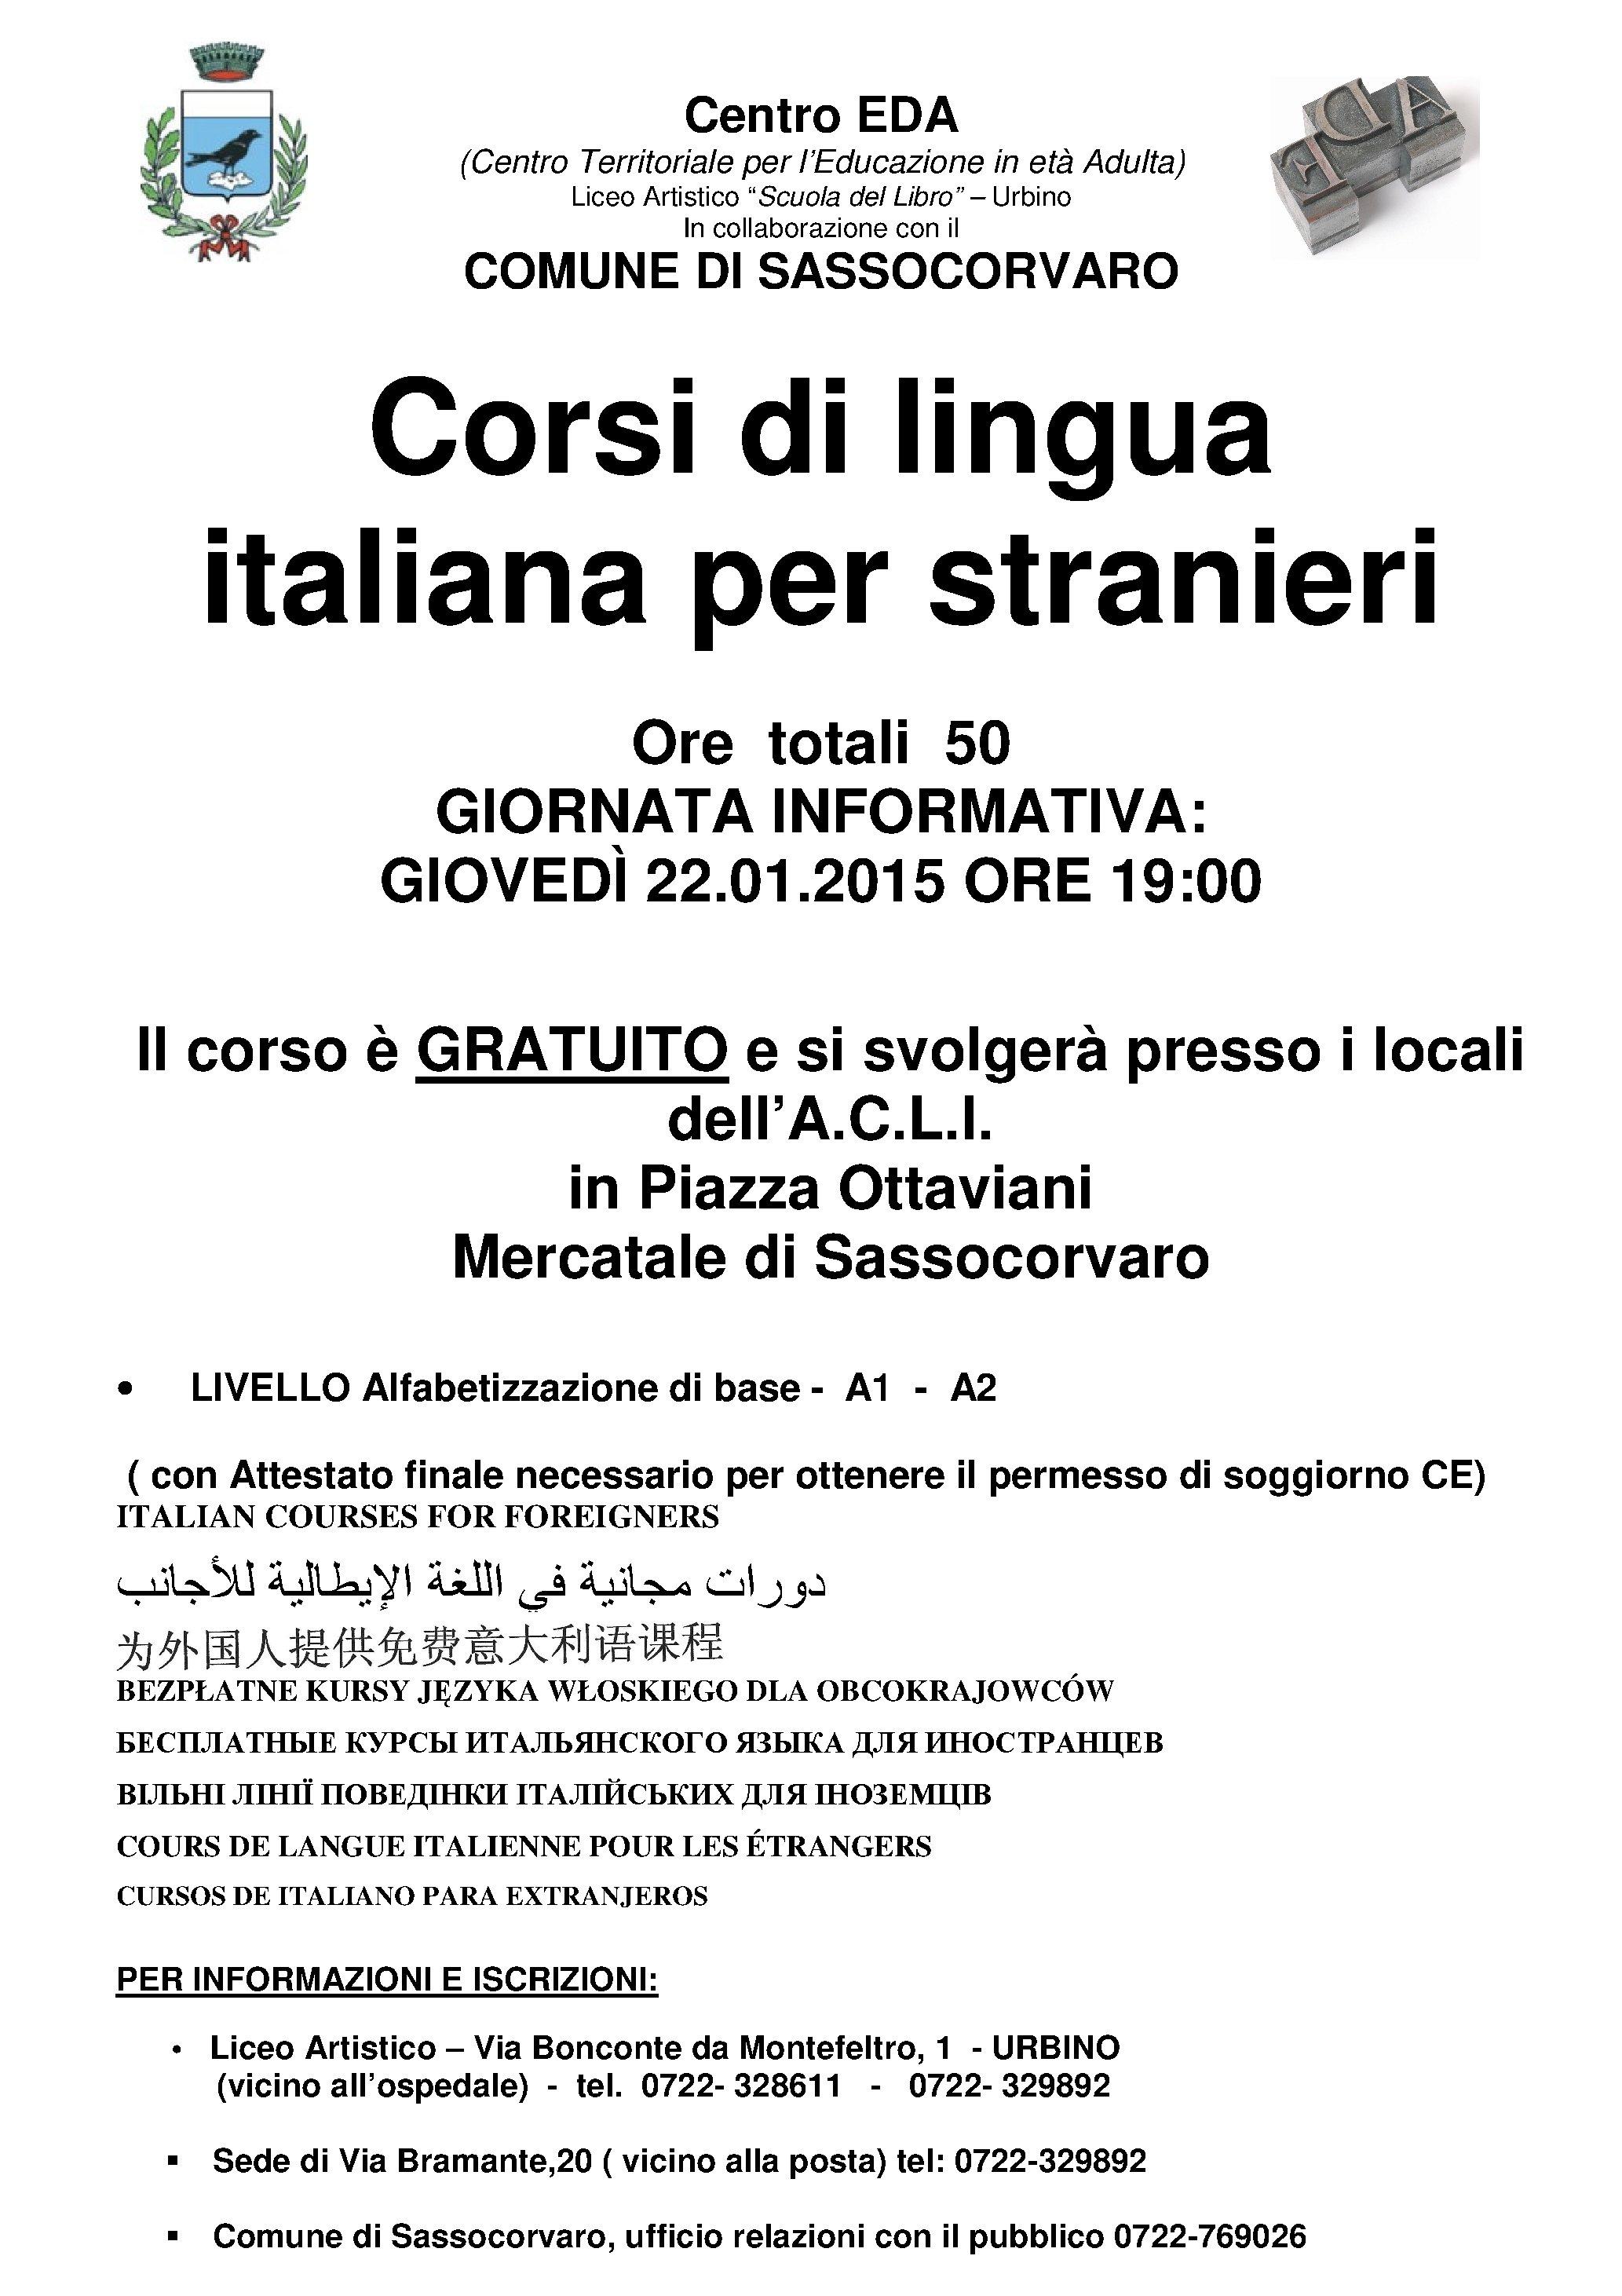 Comune di Sassocorvaro - soppresso il 31/12/2018